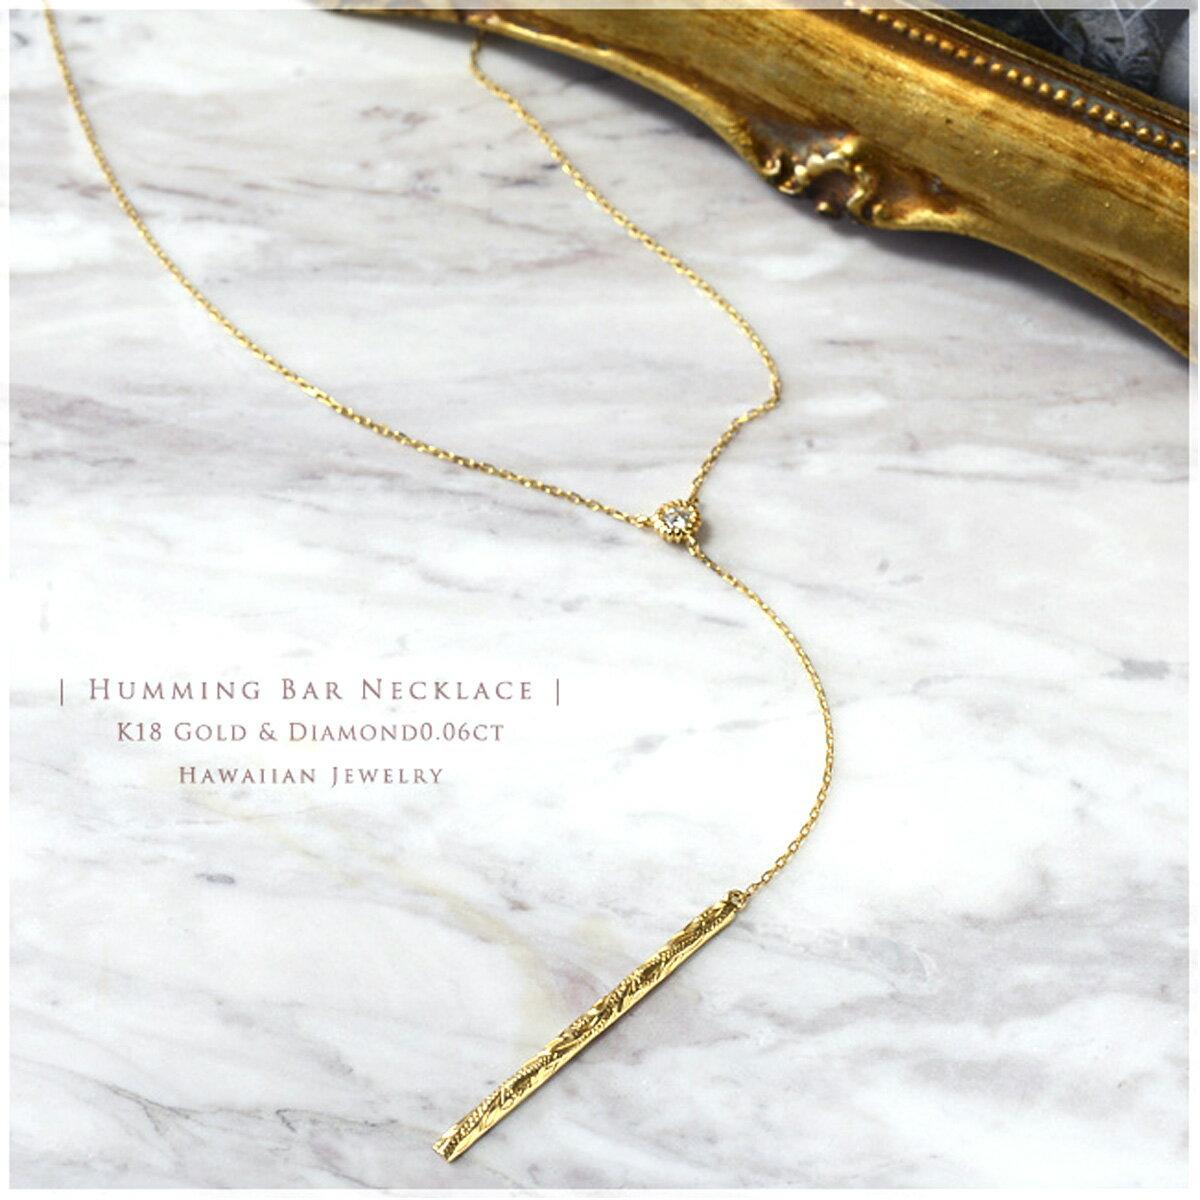 ネックレス レディース 女性 ハワイアンジュエリー K18 ゴールド オパールまたは ダイヤモンド 0.06ct ハミング バー Y字 イエローゴールド 華奢 シンプル ペンダントane1192 プレゼント ギフト 2018 夏